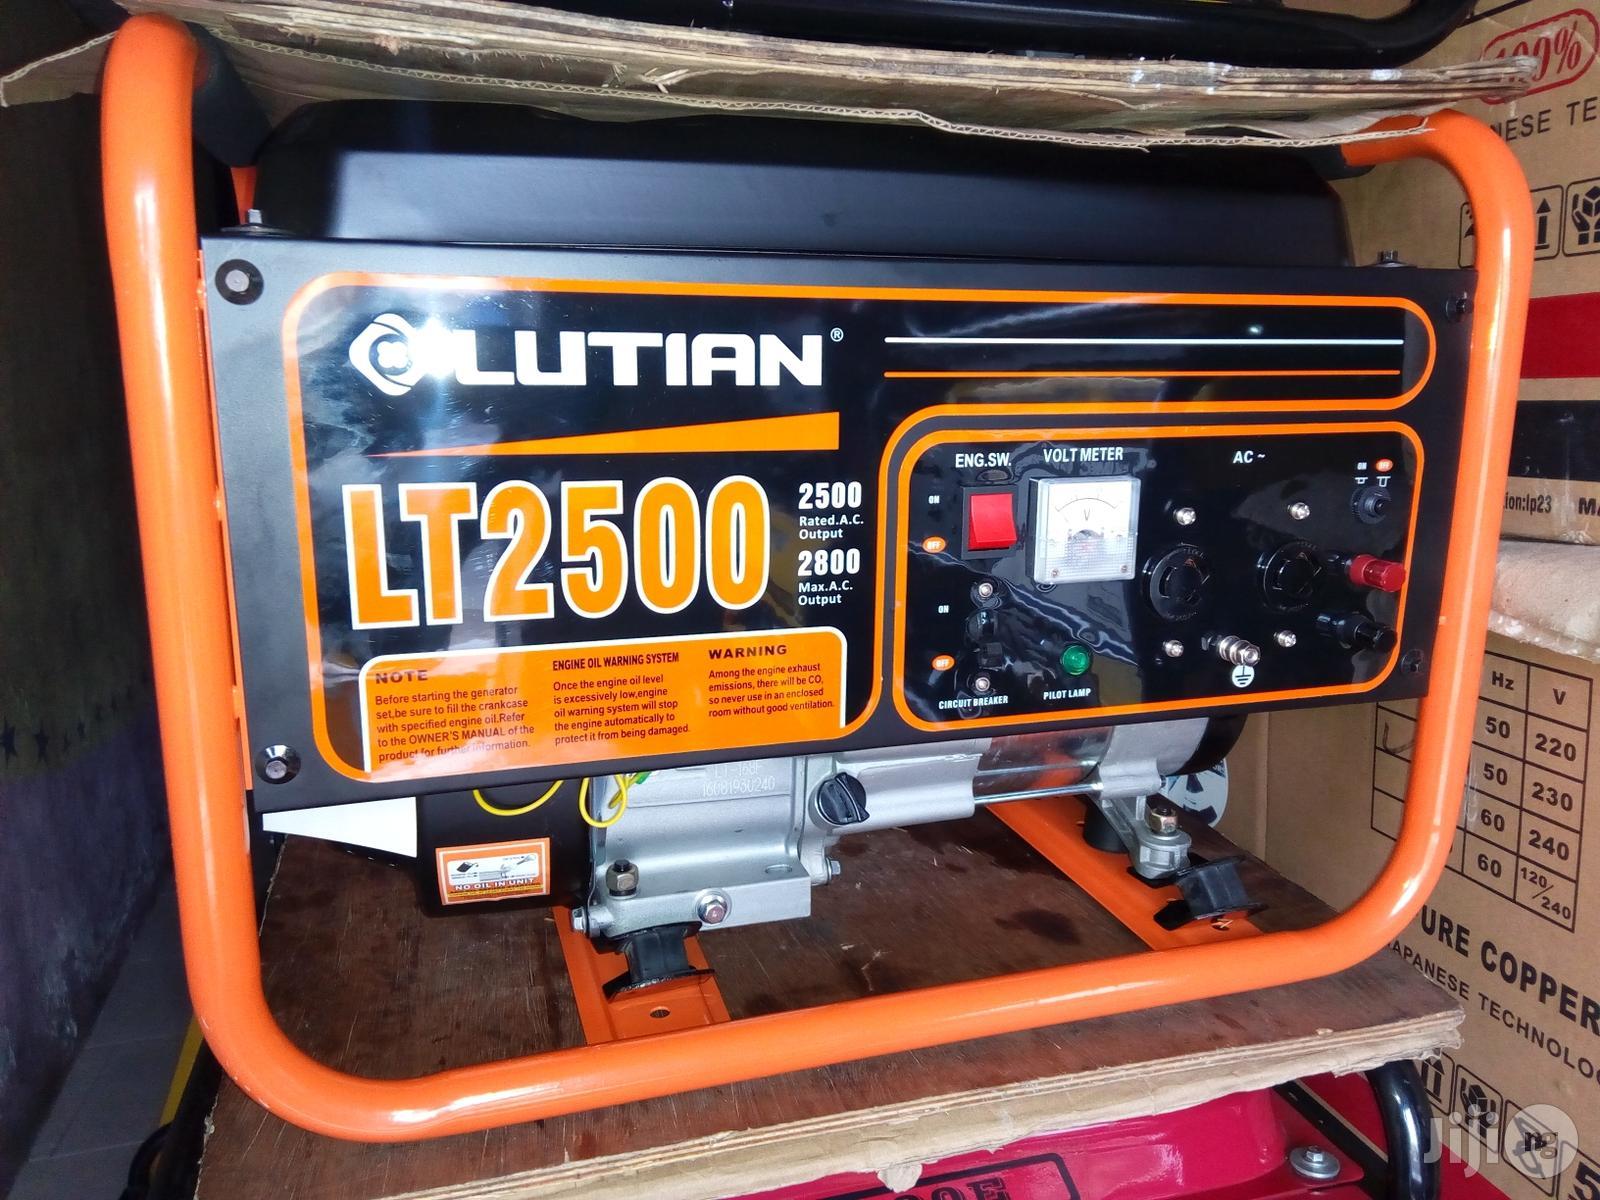 2.8kva Lutian Generator